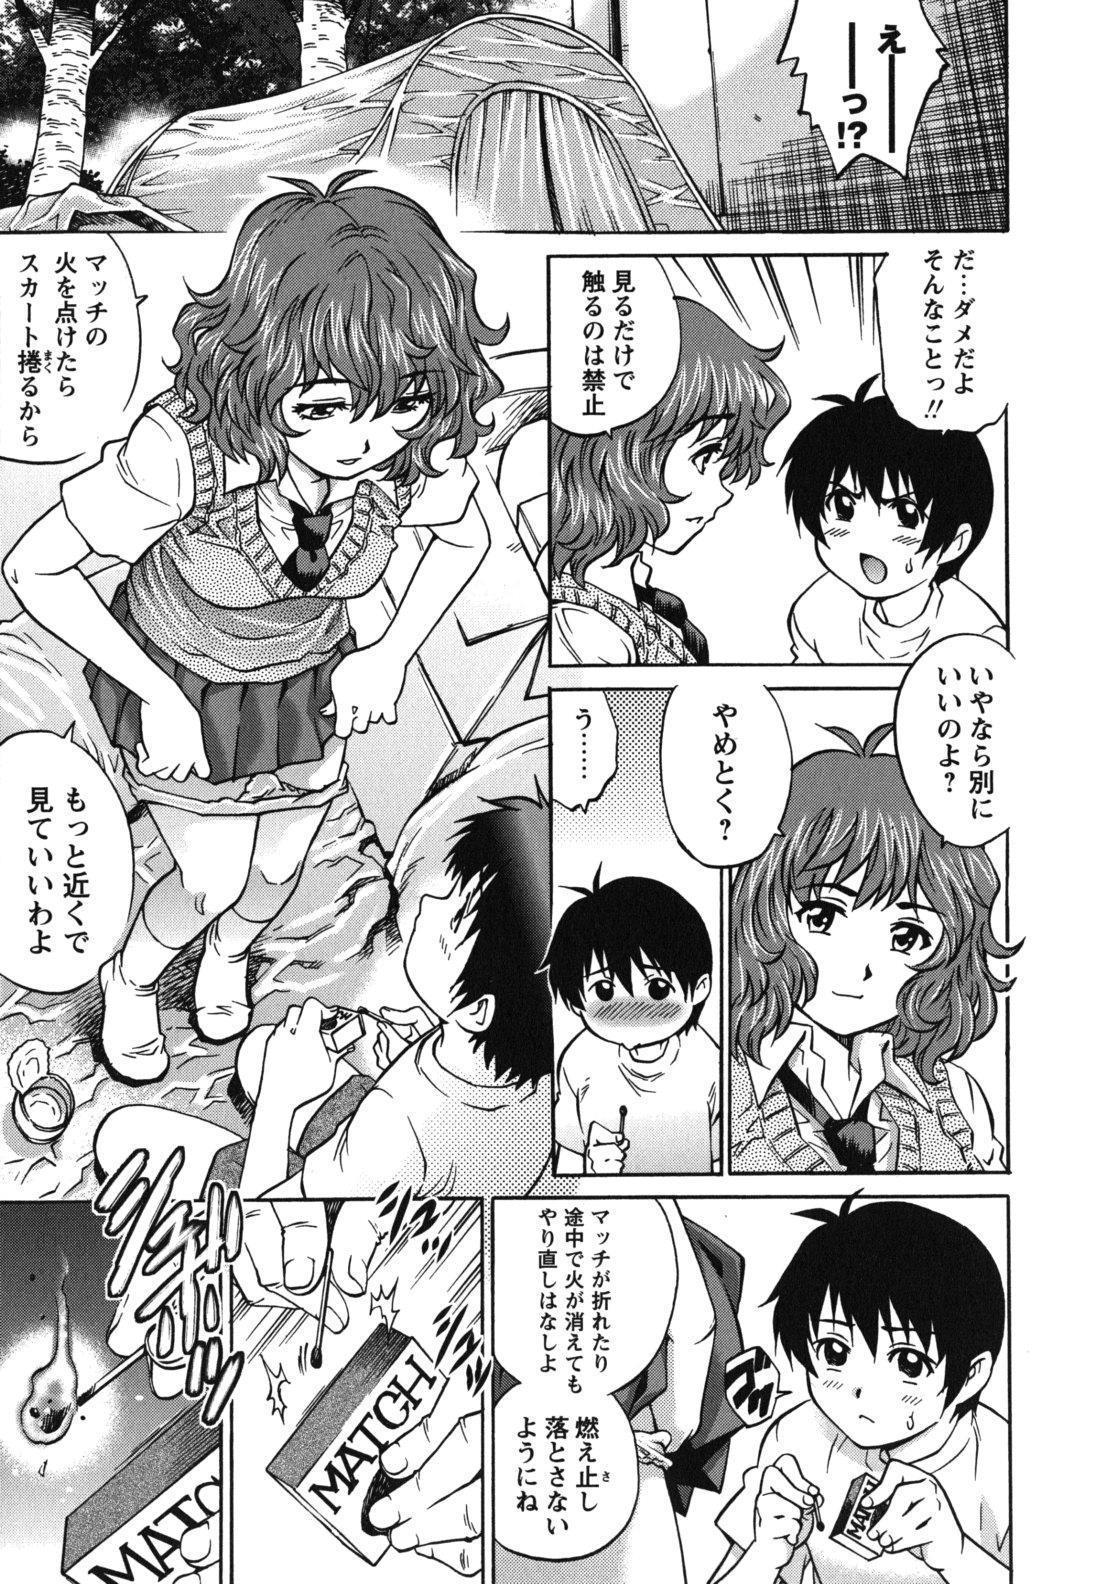 Hajimete no SEX 85